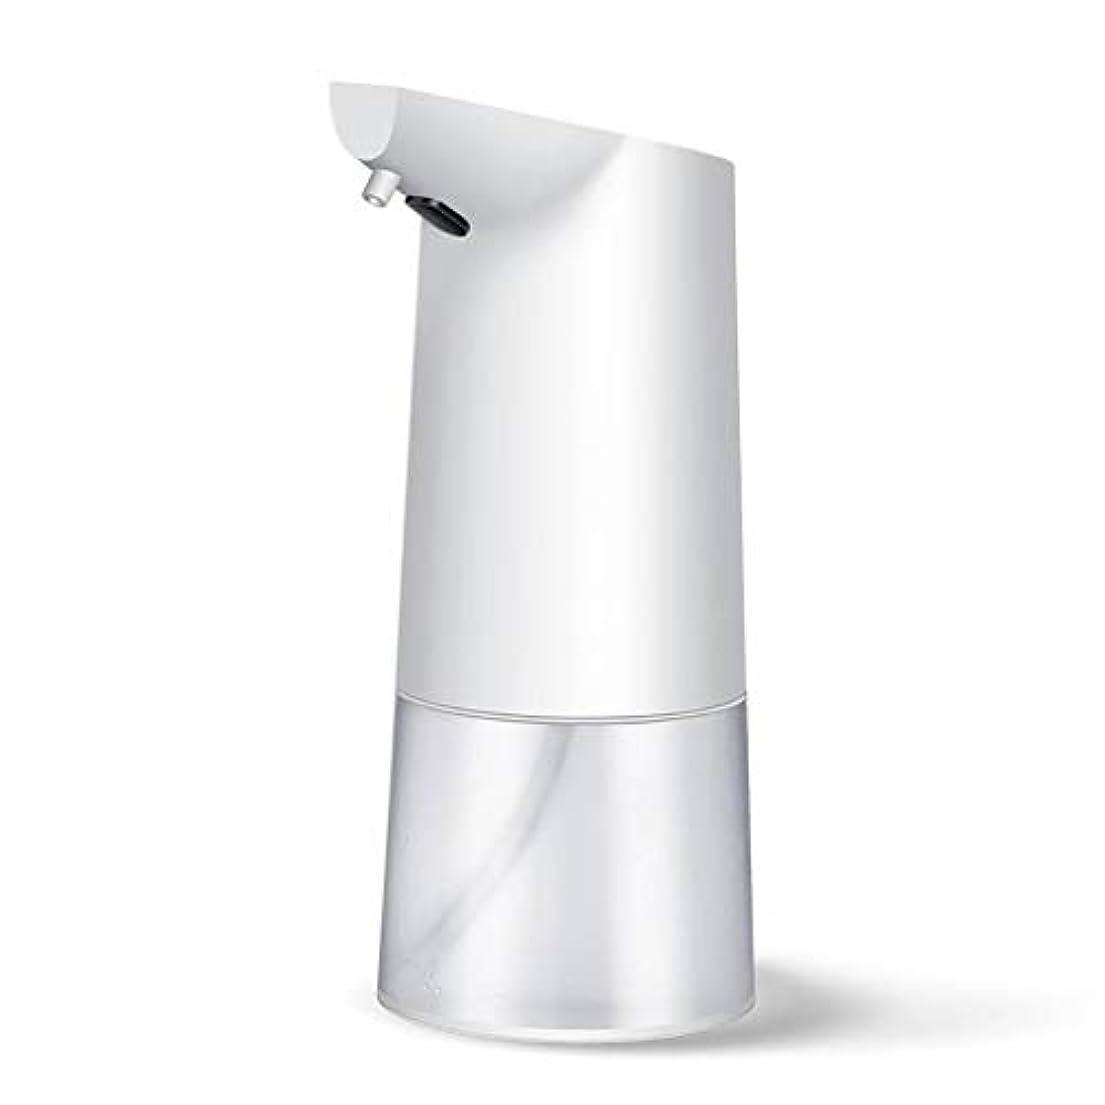 にはまって真っ逆さま肌帰納的 自動 ソープディスペンサ, ABS 大容量 350ML 速い ー 泡 ソープディスペンサ, 液体を追加できます, のために適した 洗面所 公共の機会 -白350ML-8×10×20CM